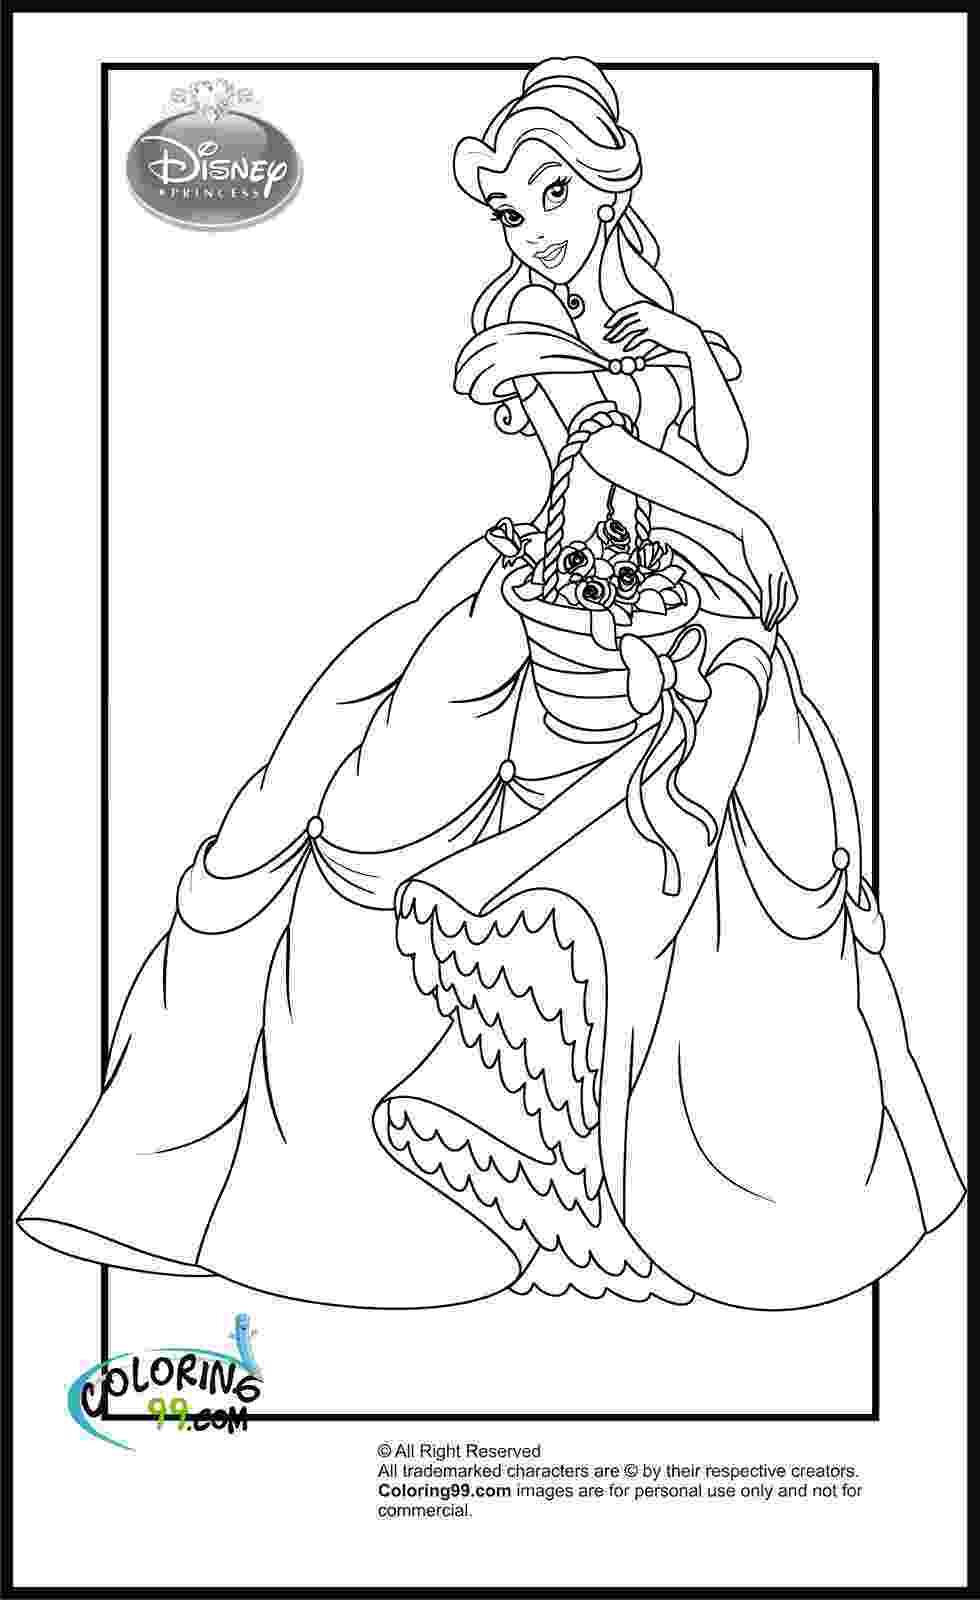 coloring pages princess belle disney princess coloring pages minister coloring belle princess coloring pages